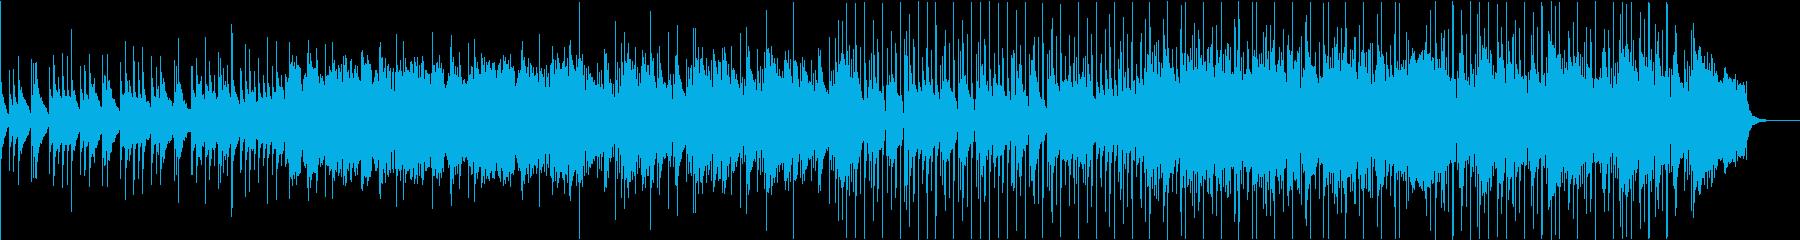 尺八と琴を使った和風ヒップホップの再生済みの波形